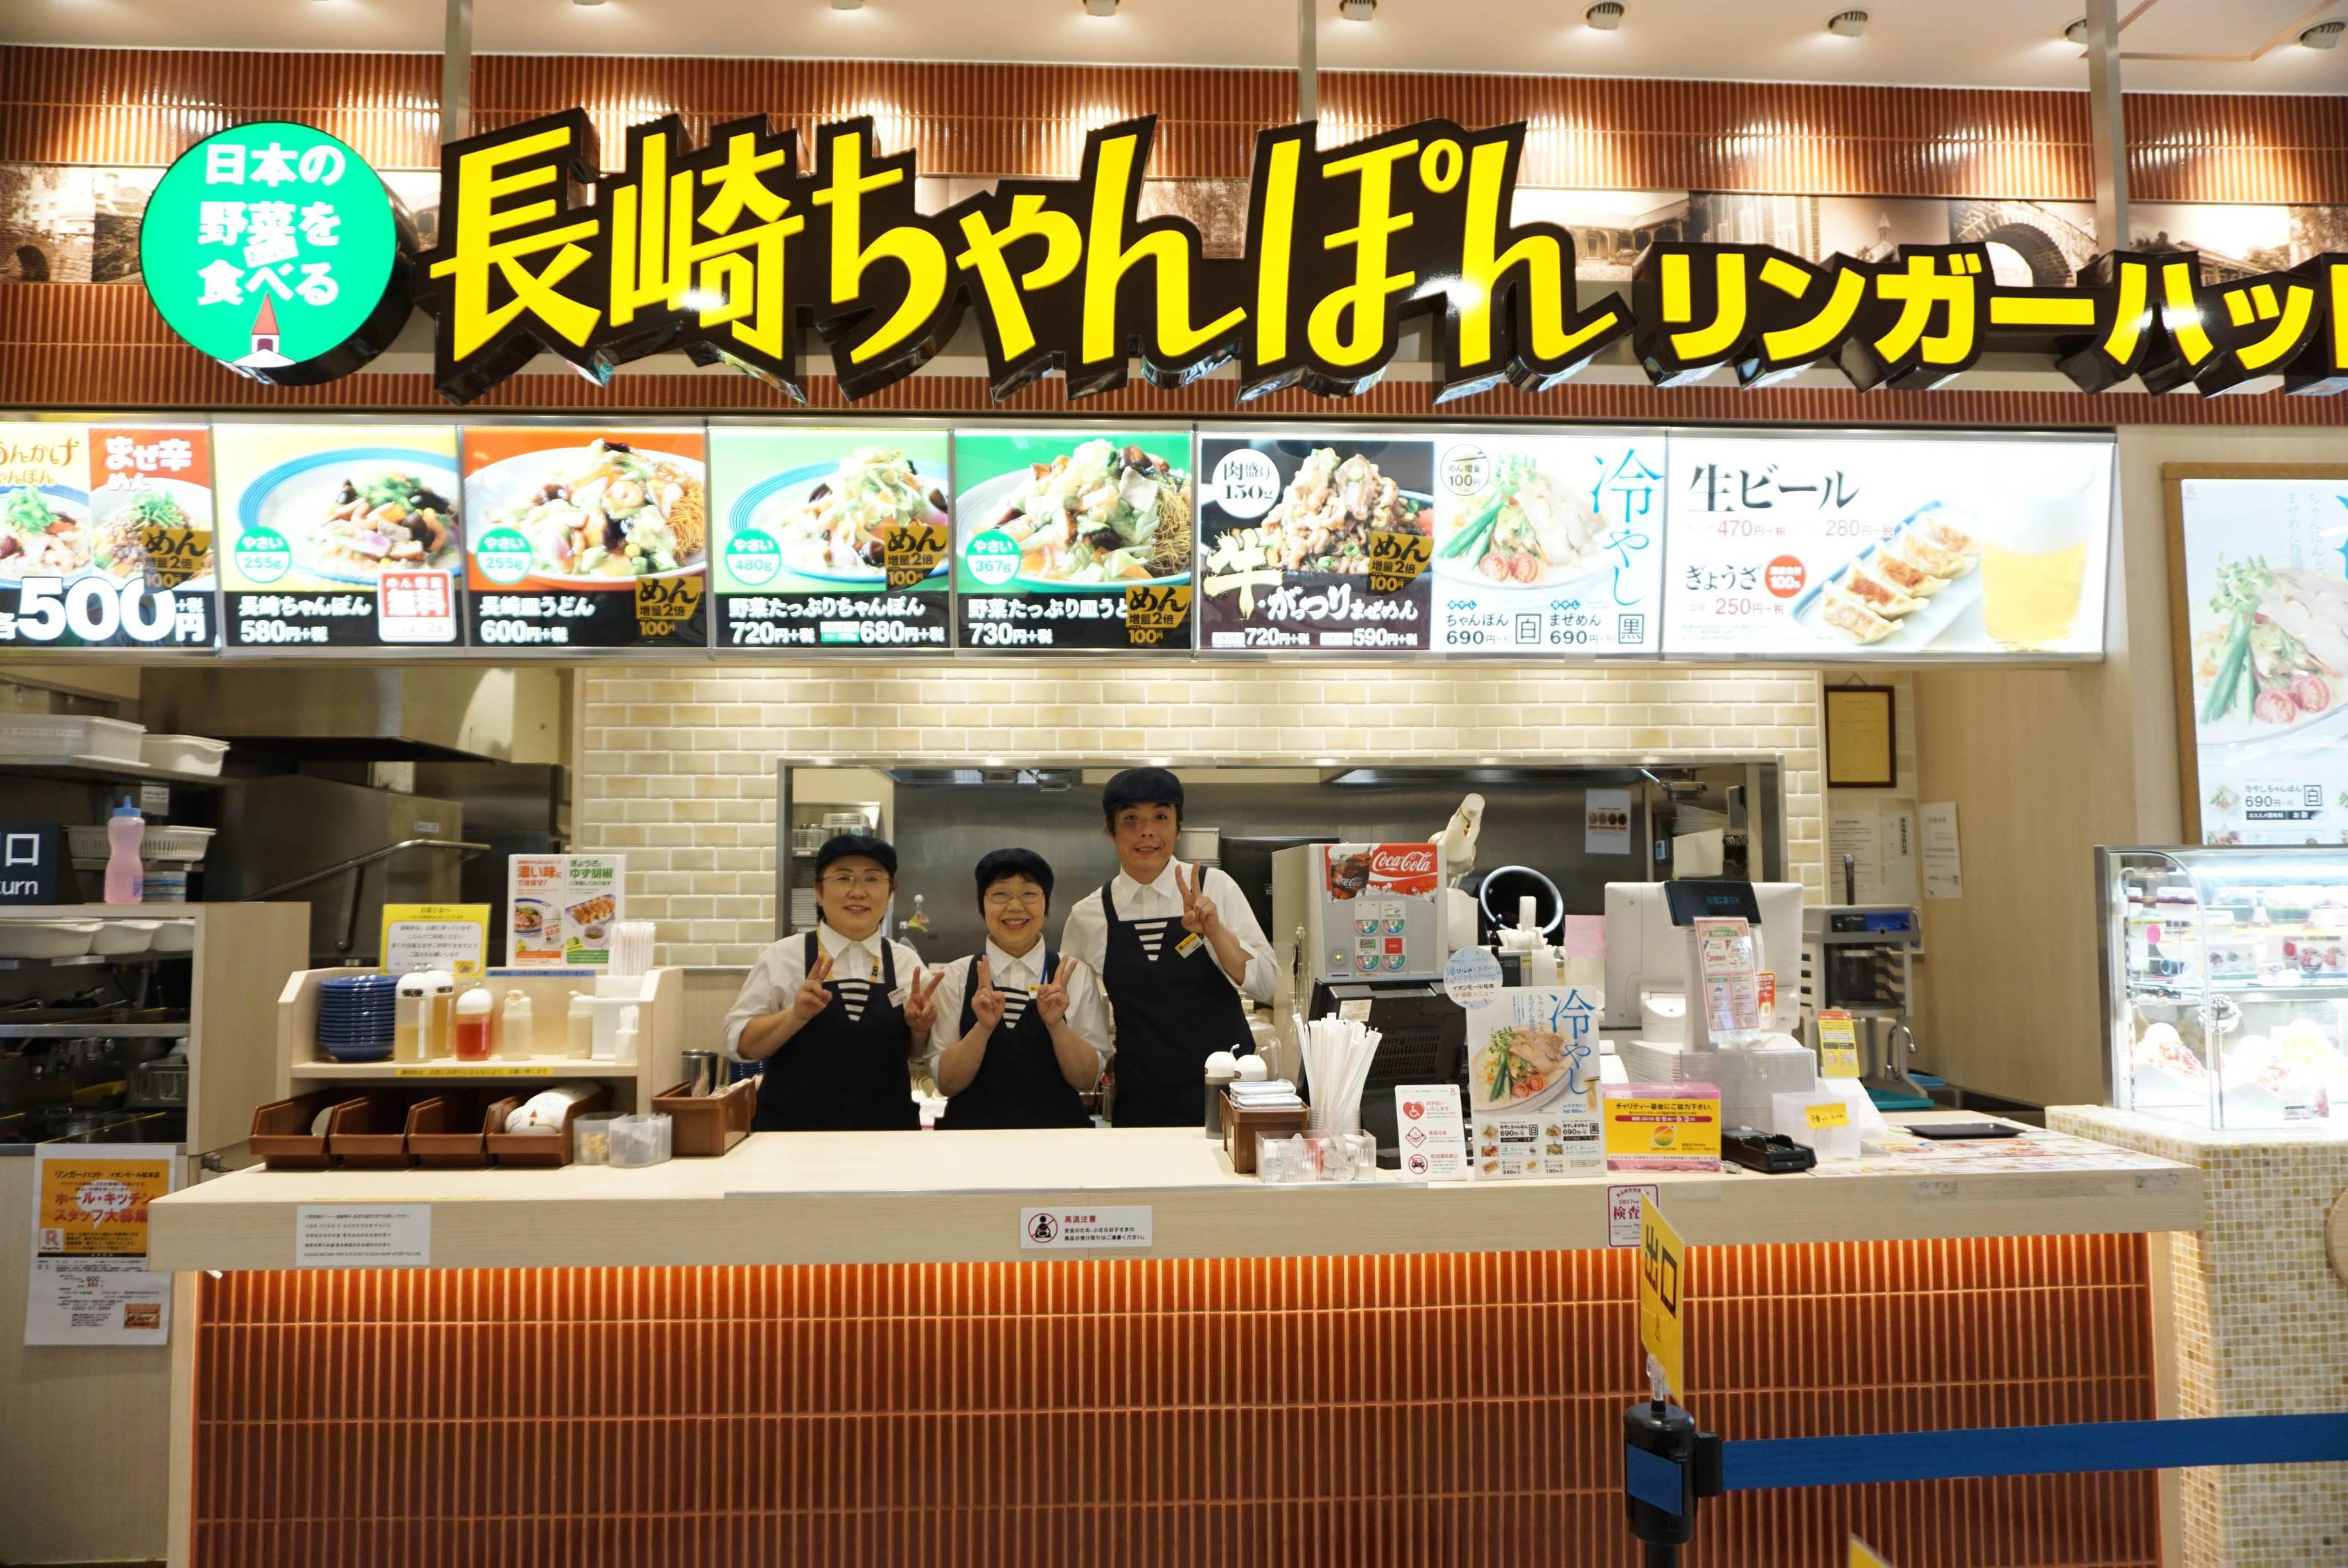 長崎ちゃんぽん リンガーハット イオンモール松本店